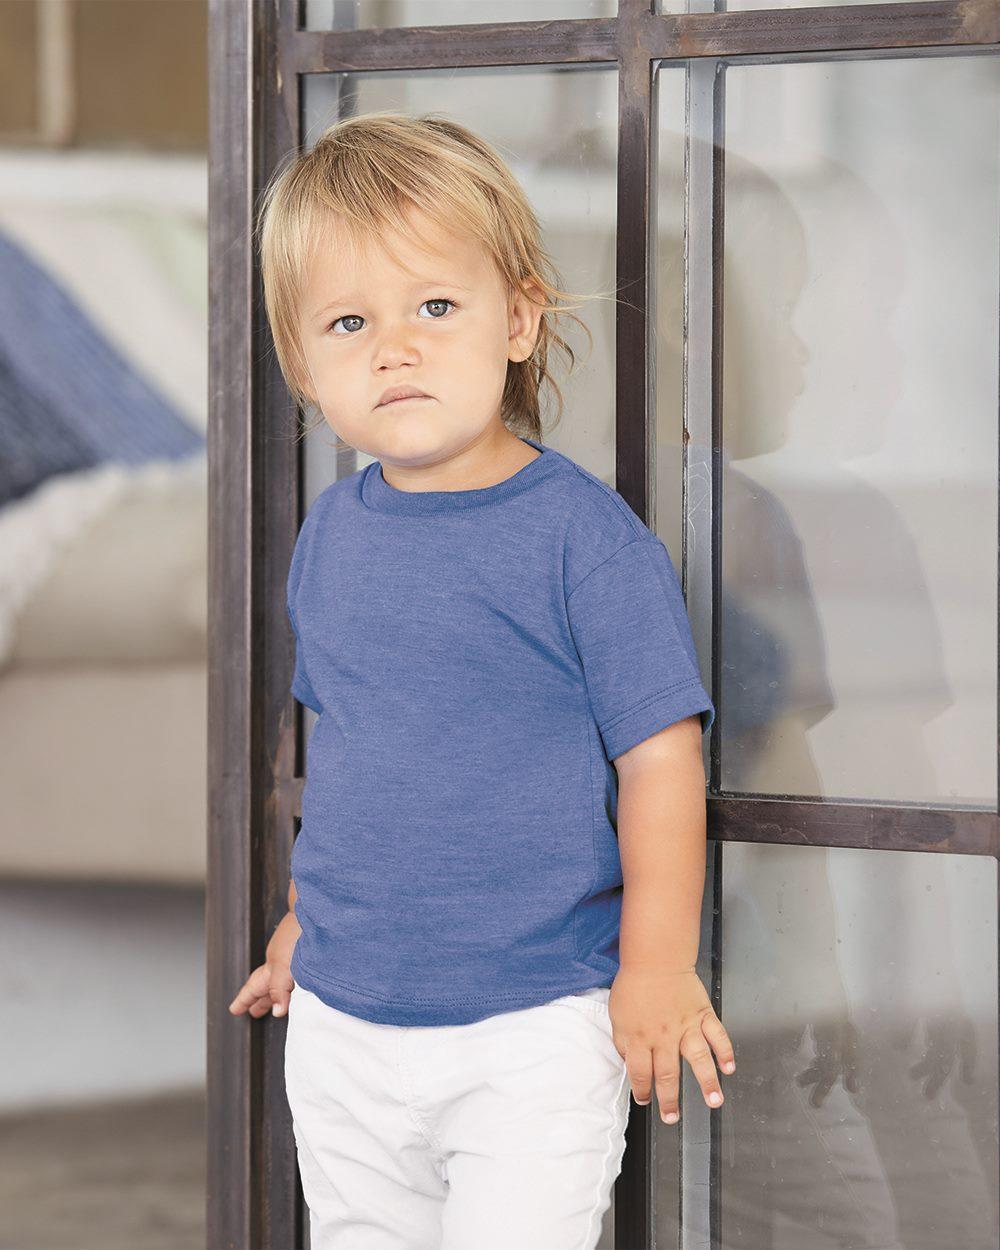 22aaebaa Bella + Canvas 3001T - Toddler Short Sleeve Tee $3.45 - Infants ...